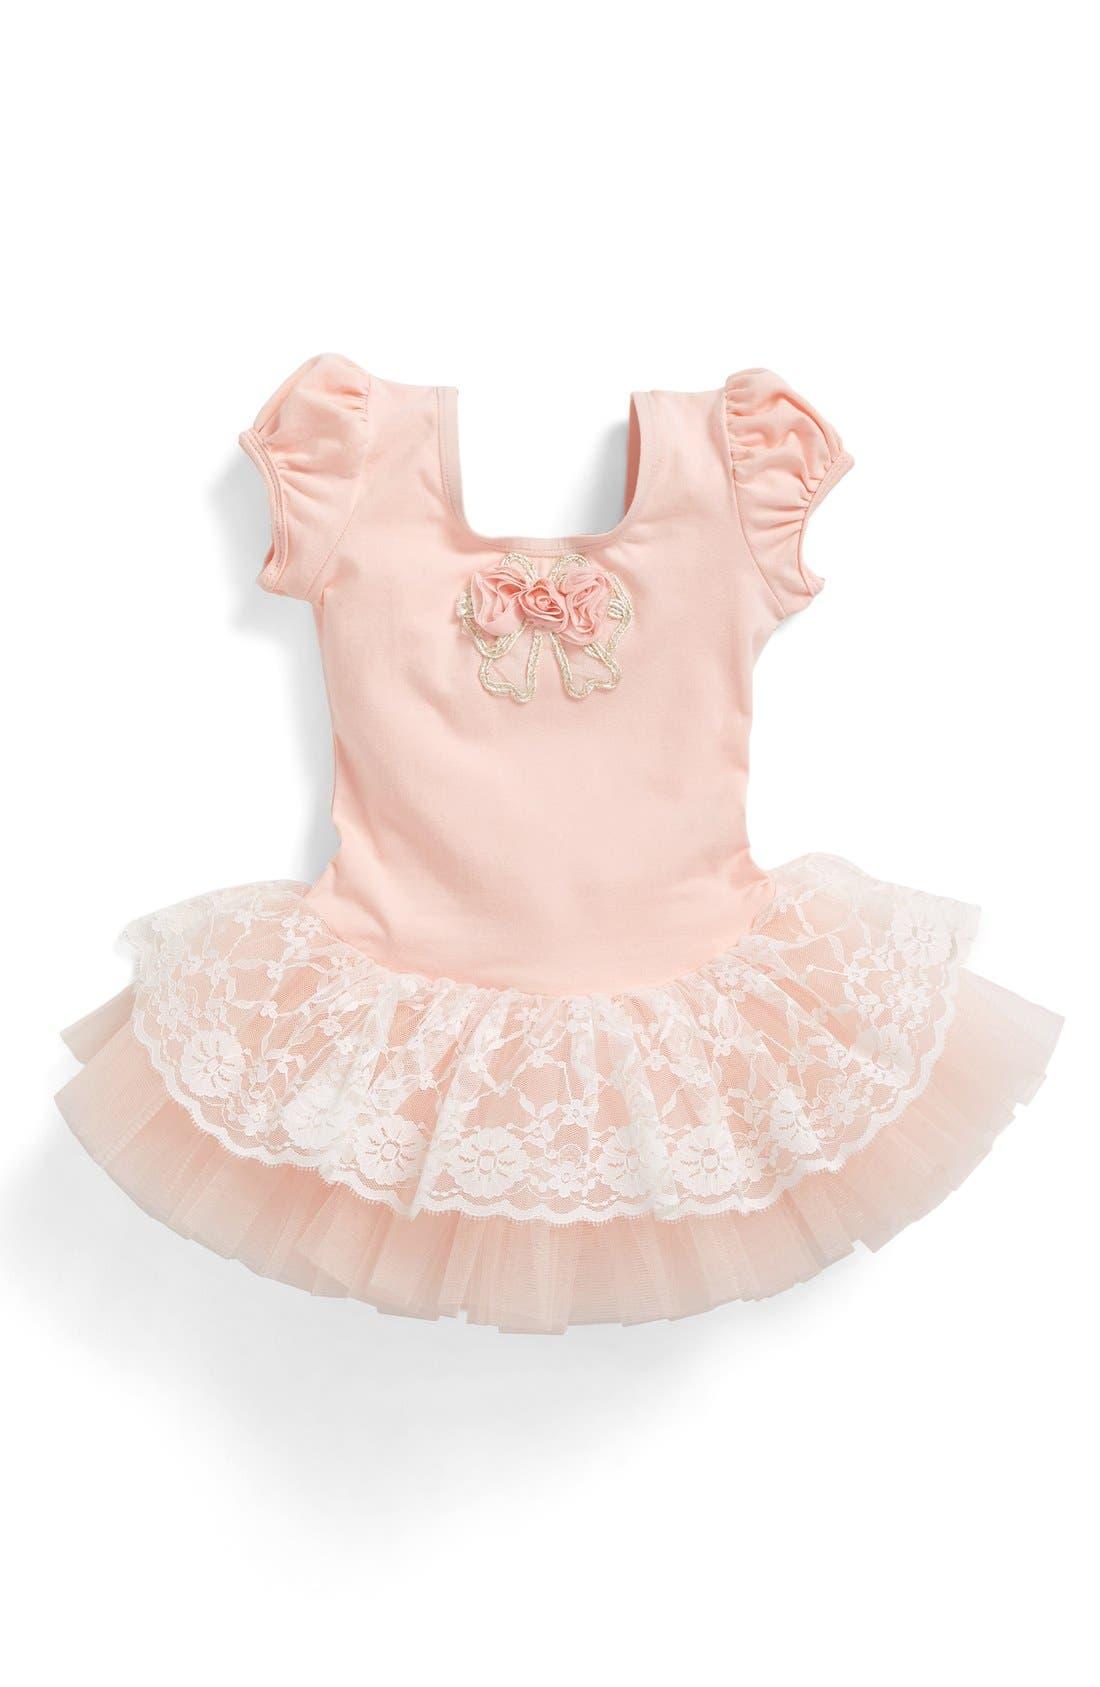 POPATU Floral Lace Tutu Dress